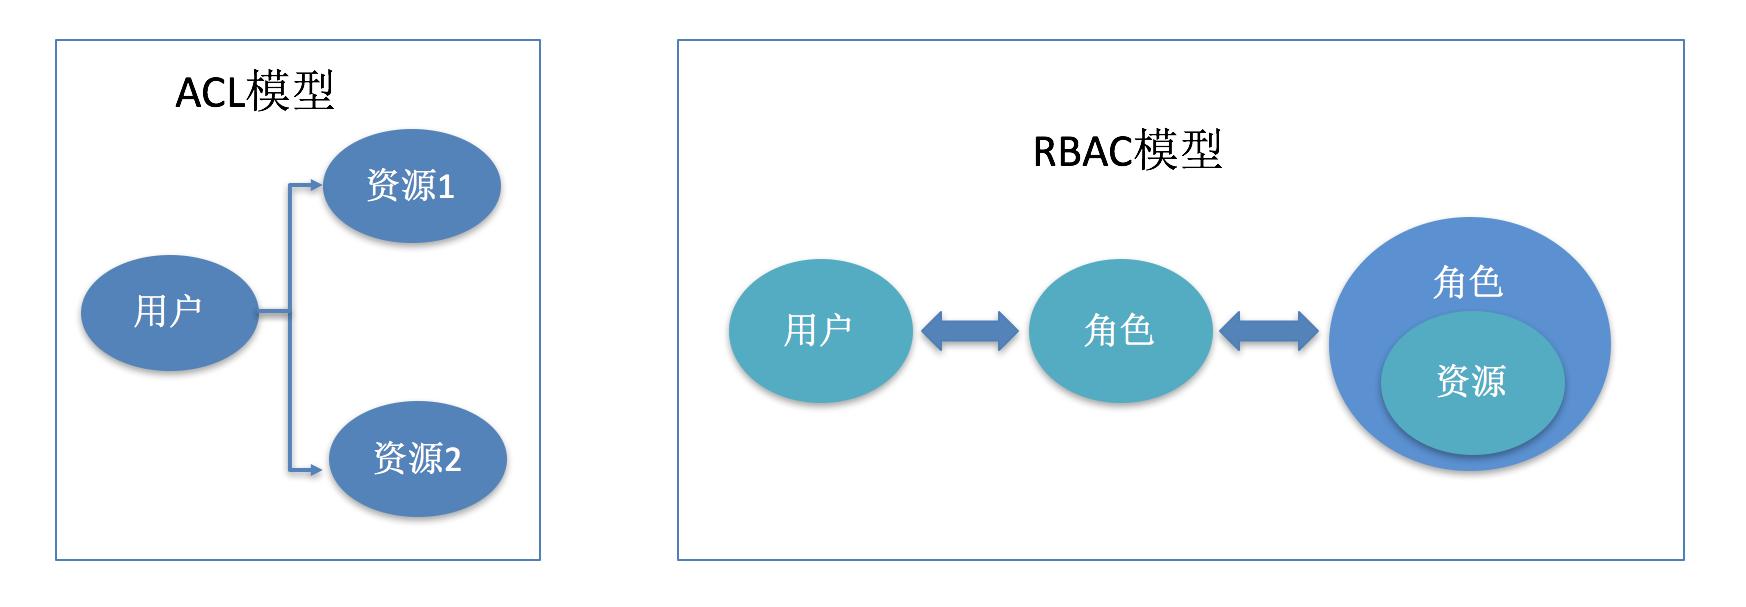 图2 传统权限模型